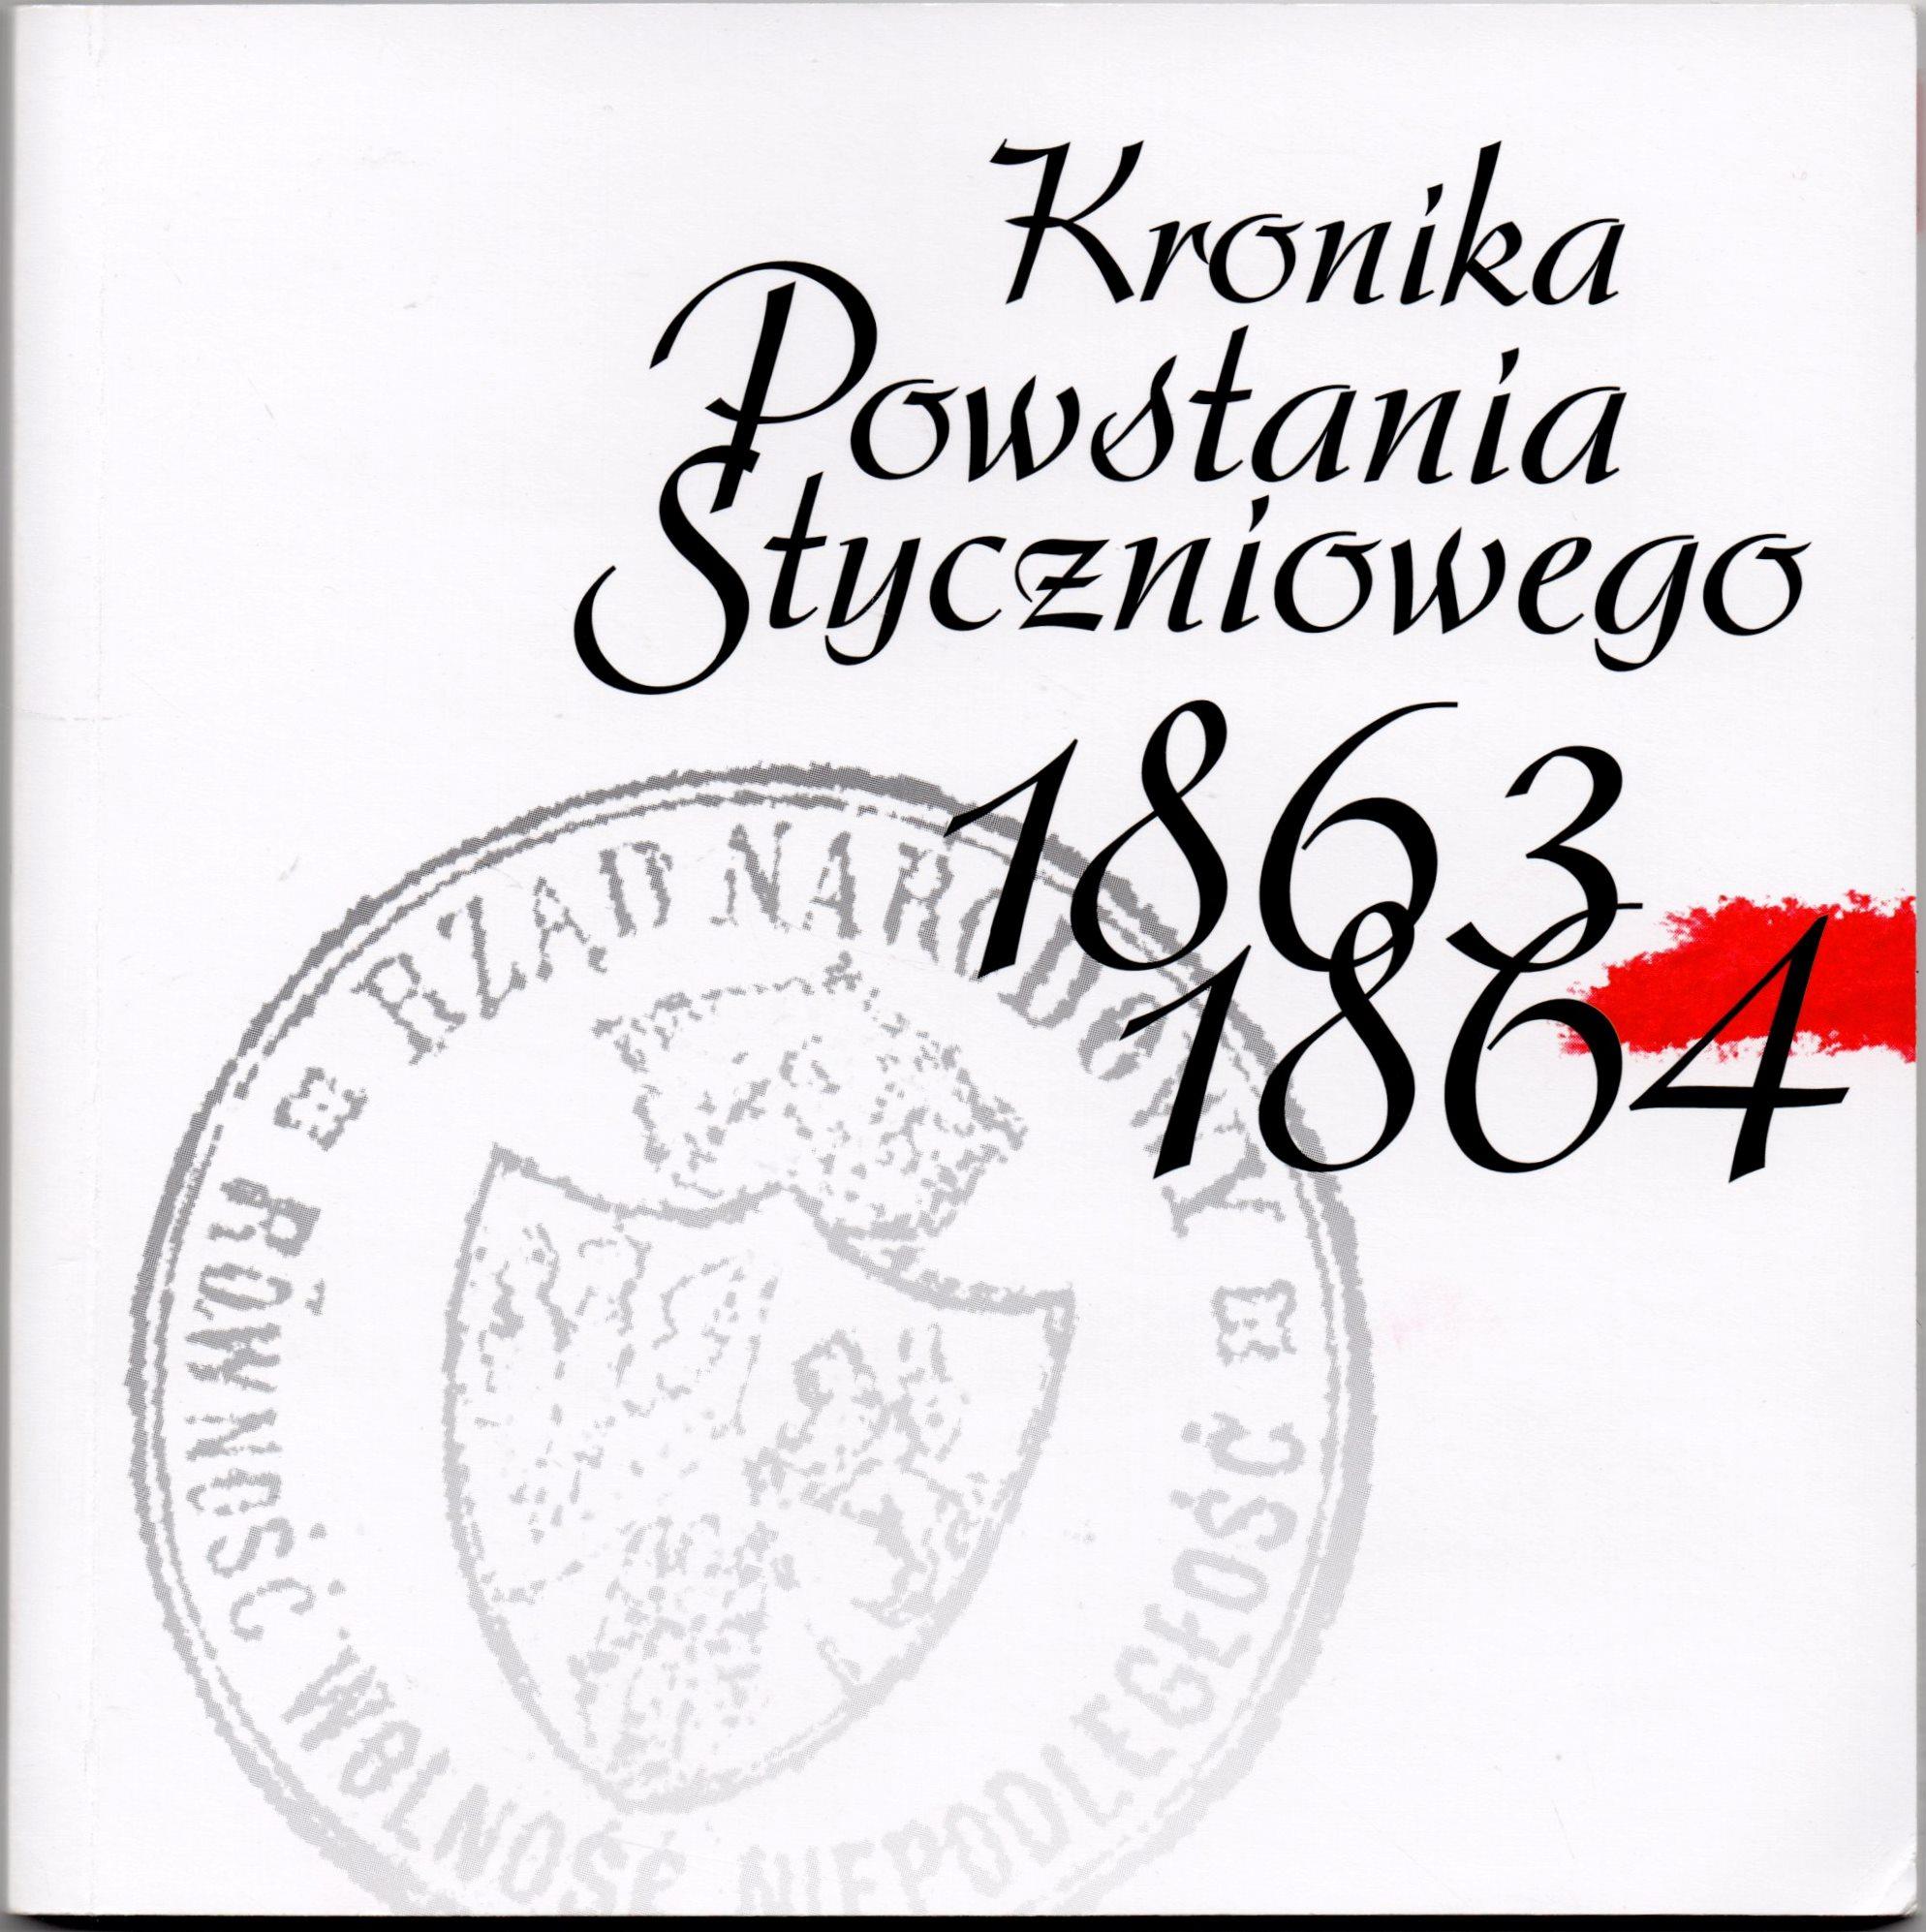 """Комплект дисків з буклетом """"Kronika Powstania Styczniowego 1863-1864 / Літопис Січневого повстання 1863-1864 рр."""". Буклет"""